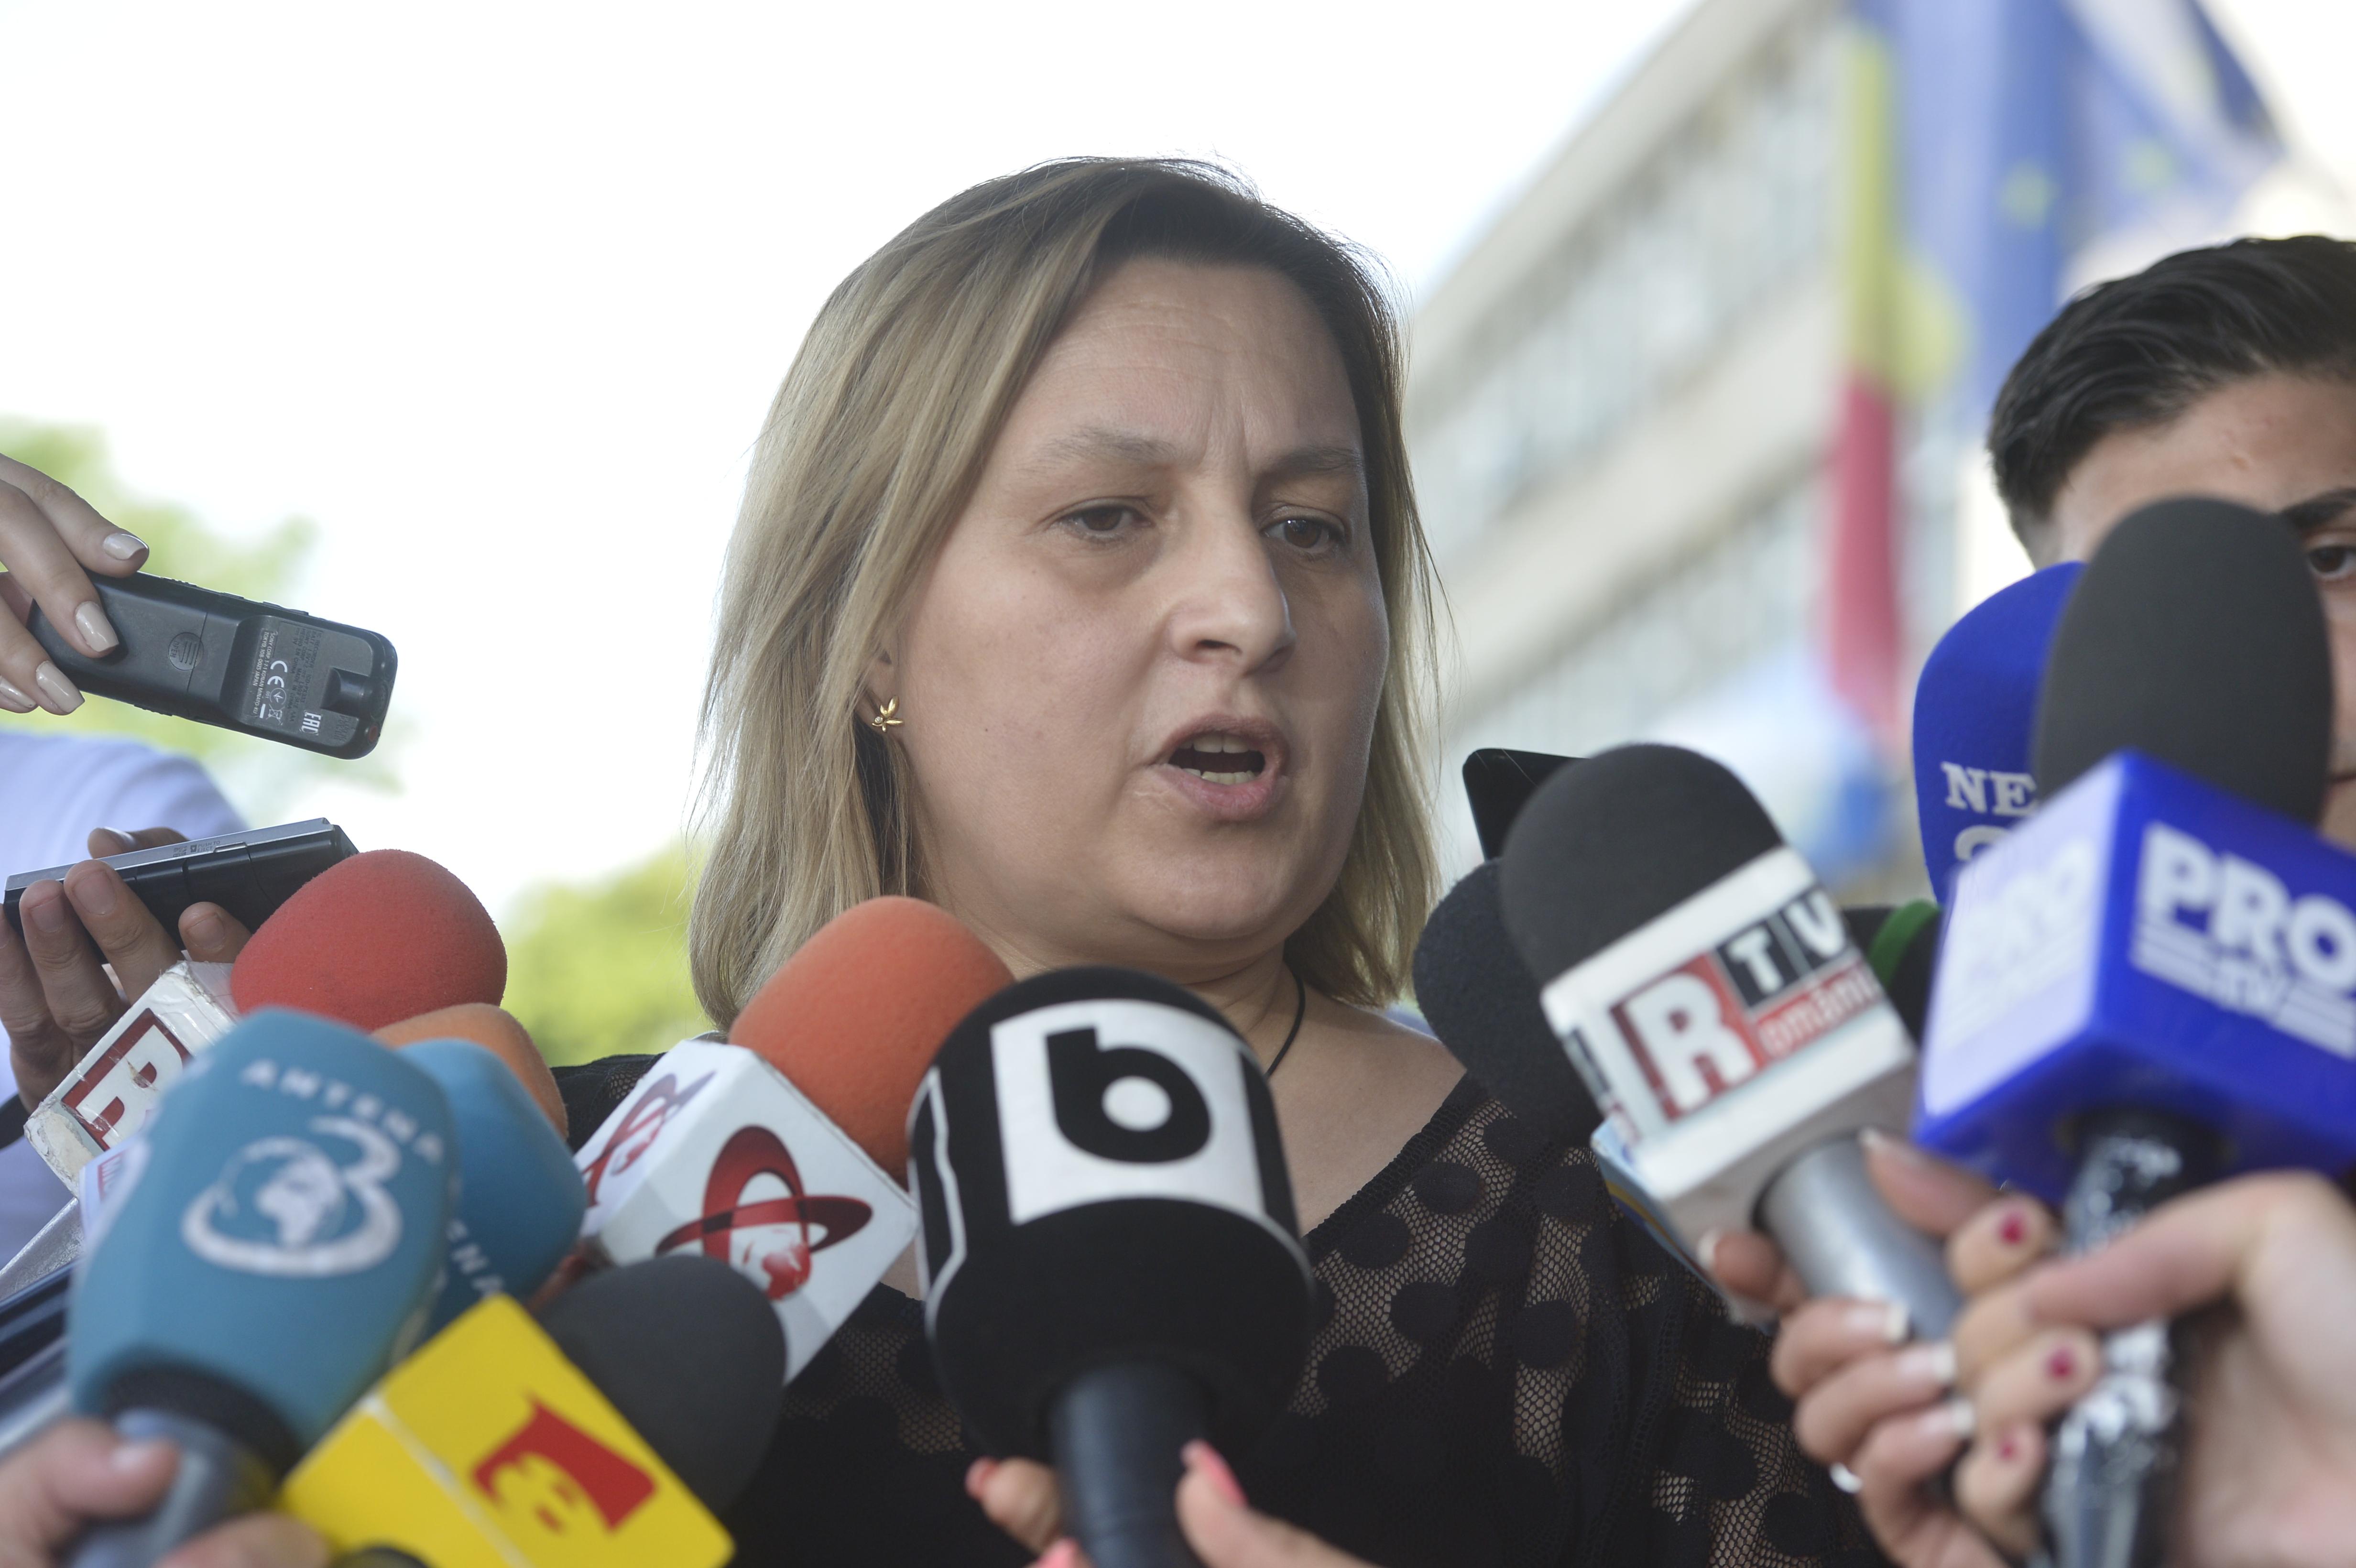 Secţia pentru judecători din CSM a admis cererea Mihaelei Iorga de a fi judecător